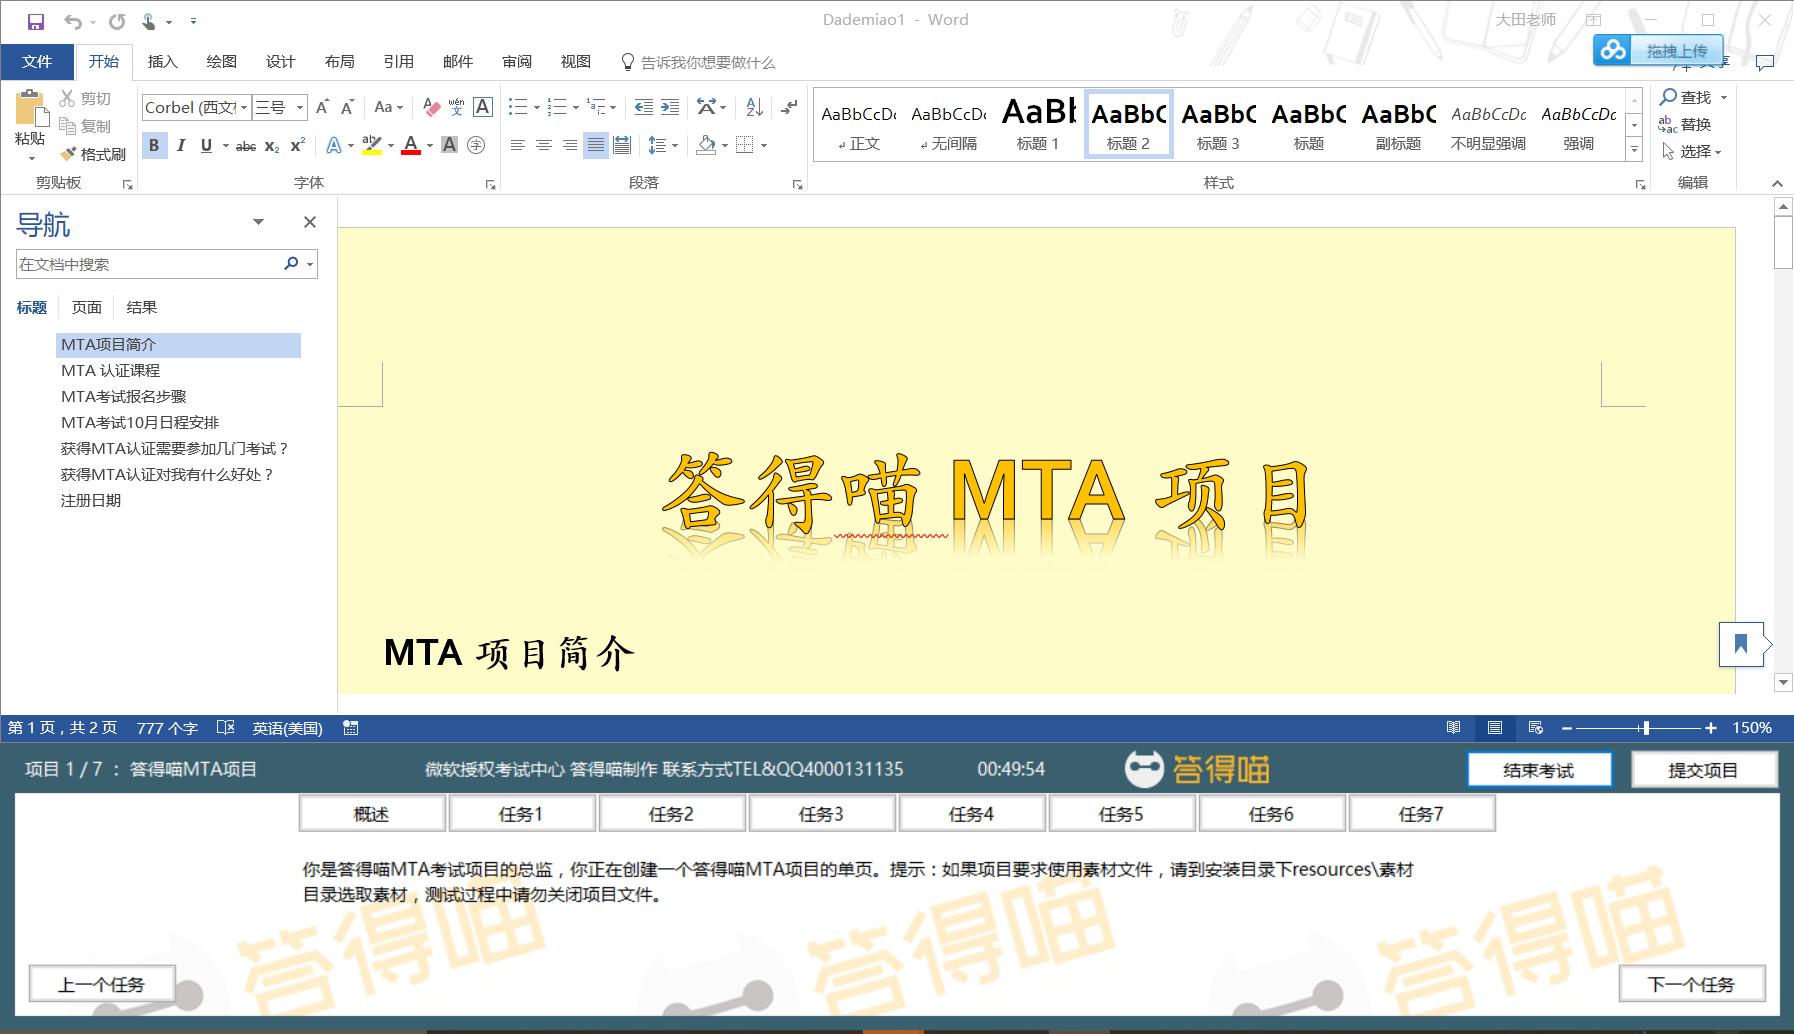 答得喵MOS2016模拟考试系统封面考试界面